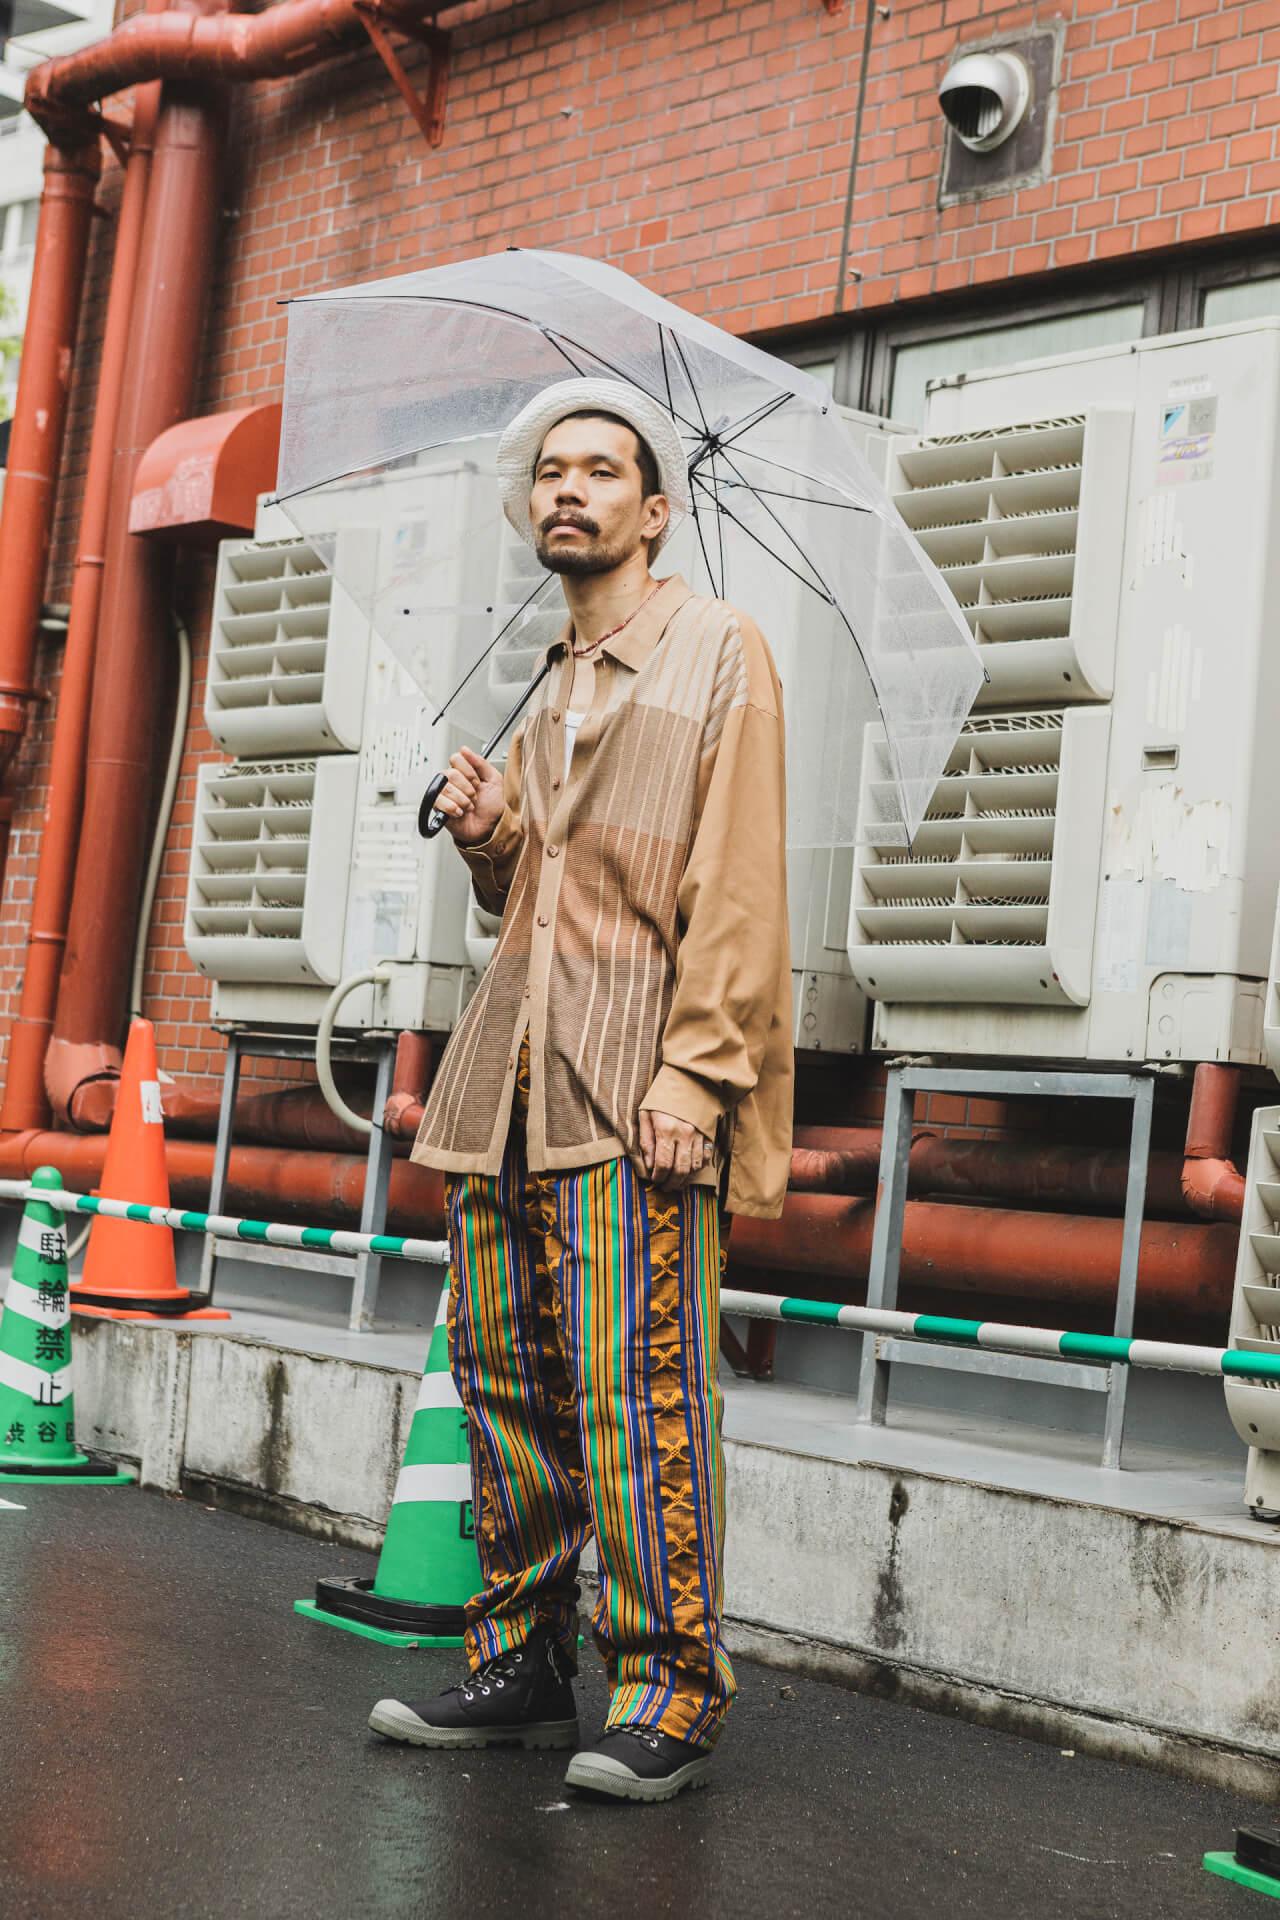 PALLADIUM × 7A&msd|スタイリスト、クリエイターが提案する梅雨を乗り切る雨の日コーデ fashion210526_palladium-08